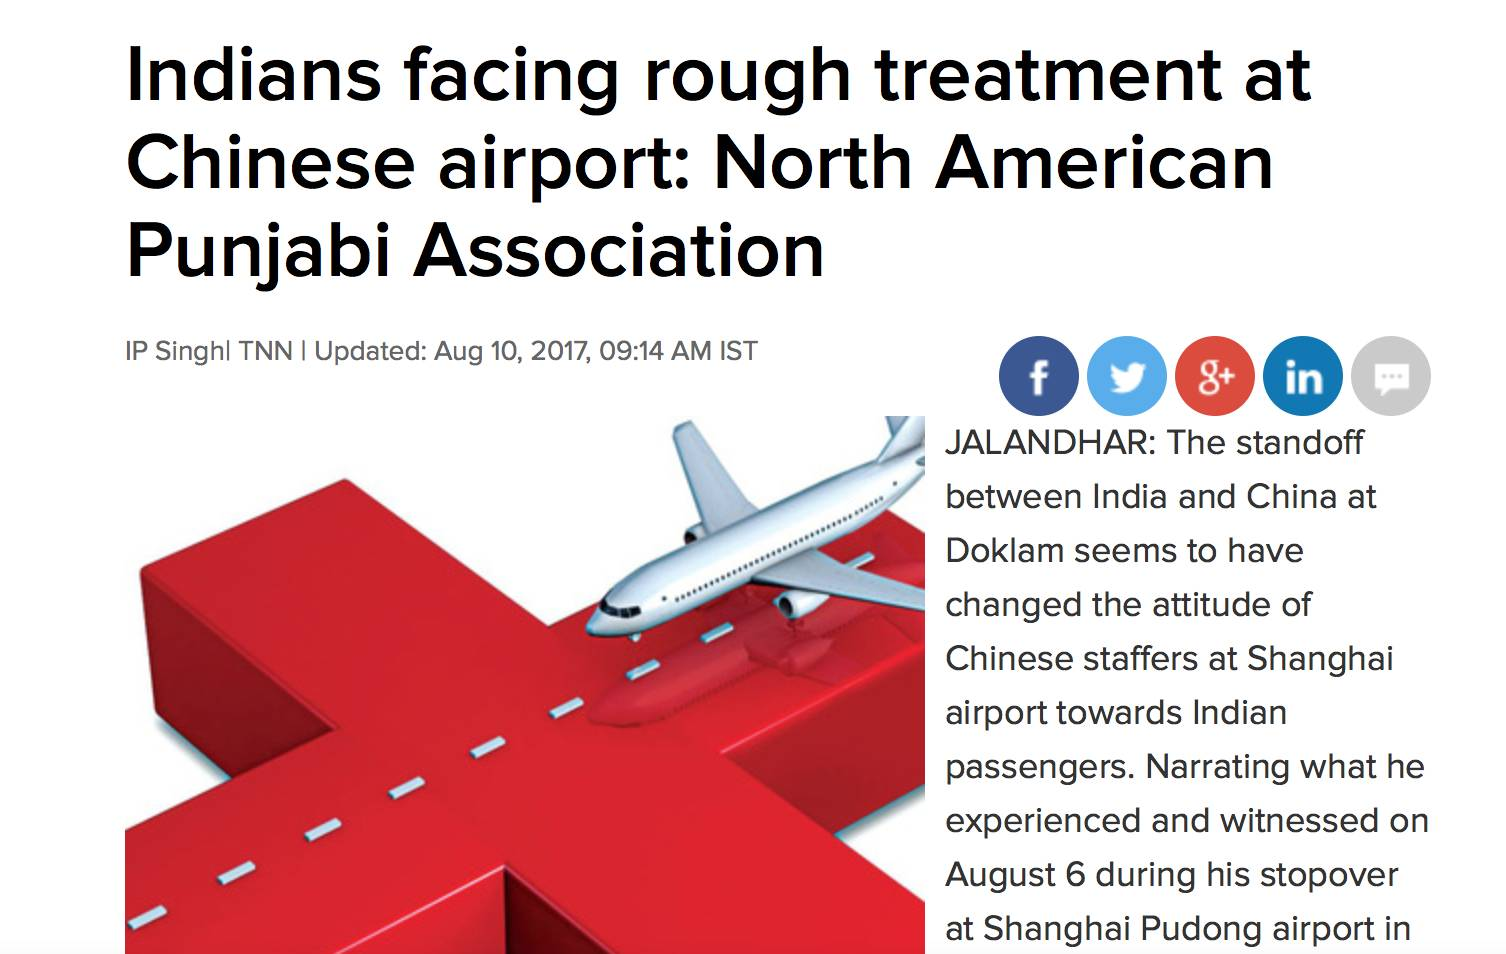 印裔乘客称在中国机场受辱  印外长收印裔乘客告状信!